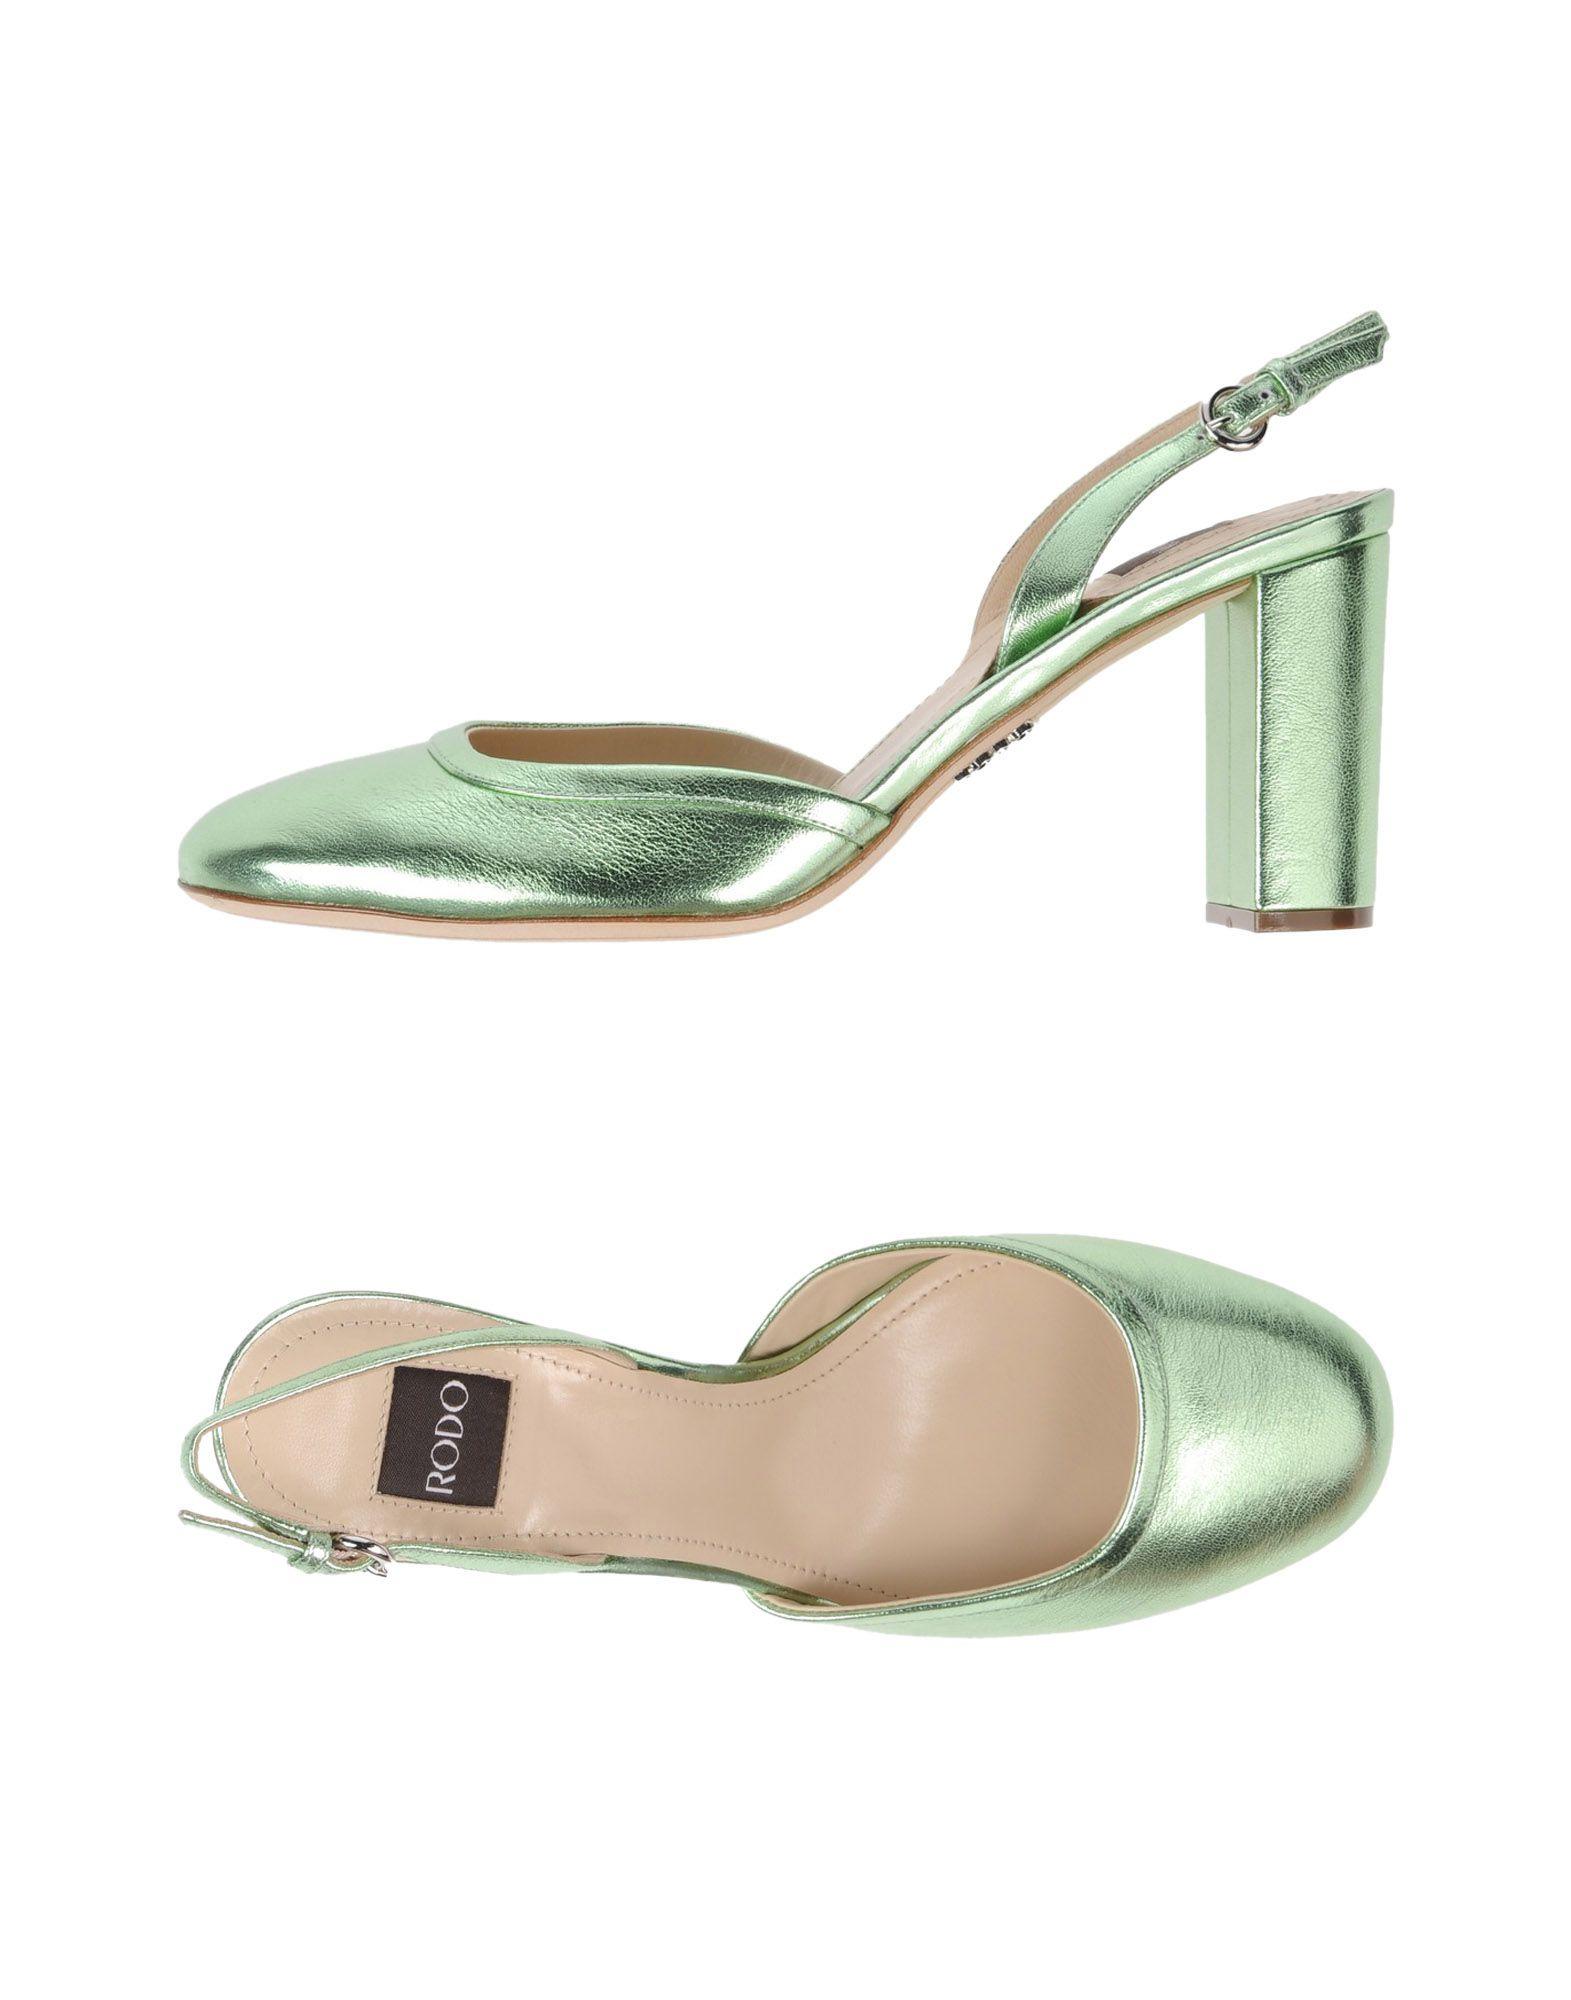 Sandali Birkenstock Donna - 11454956TD Scarpe economiche e buone